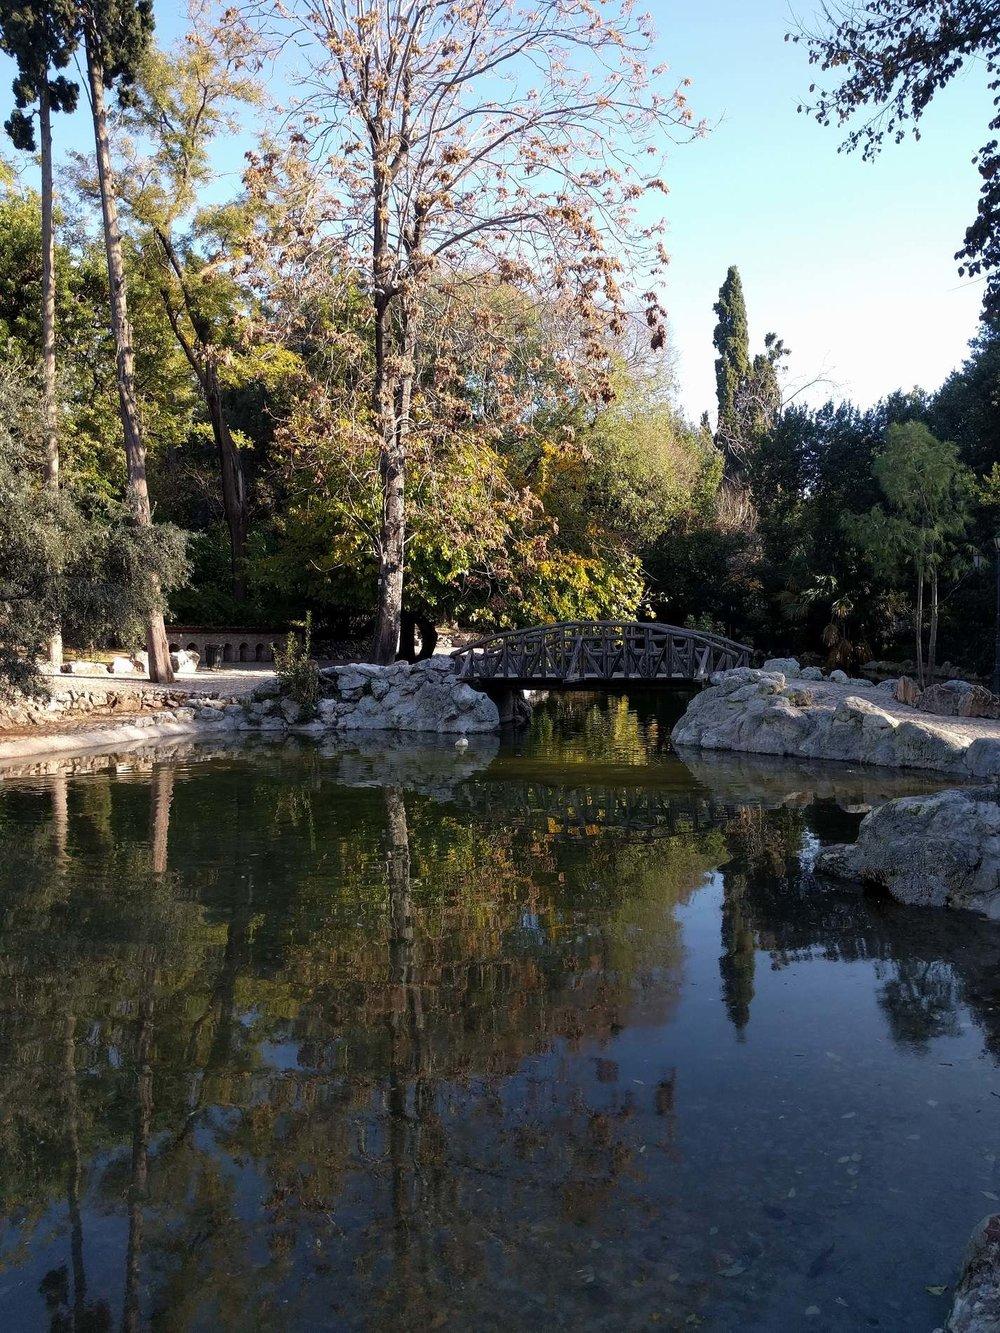 Το υγρό στοιχείο και οι όμορφες αντανακλάσεις του μέσα στο πάρκο.Πηγή: Truevoyagers.